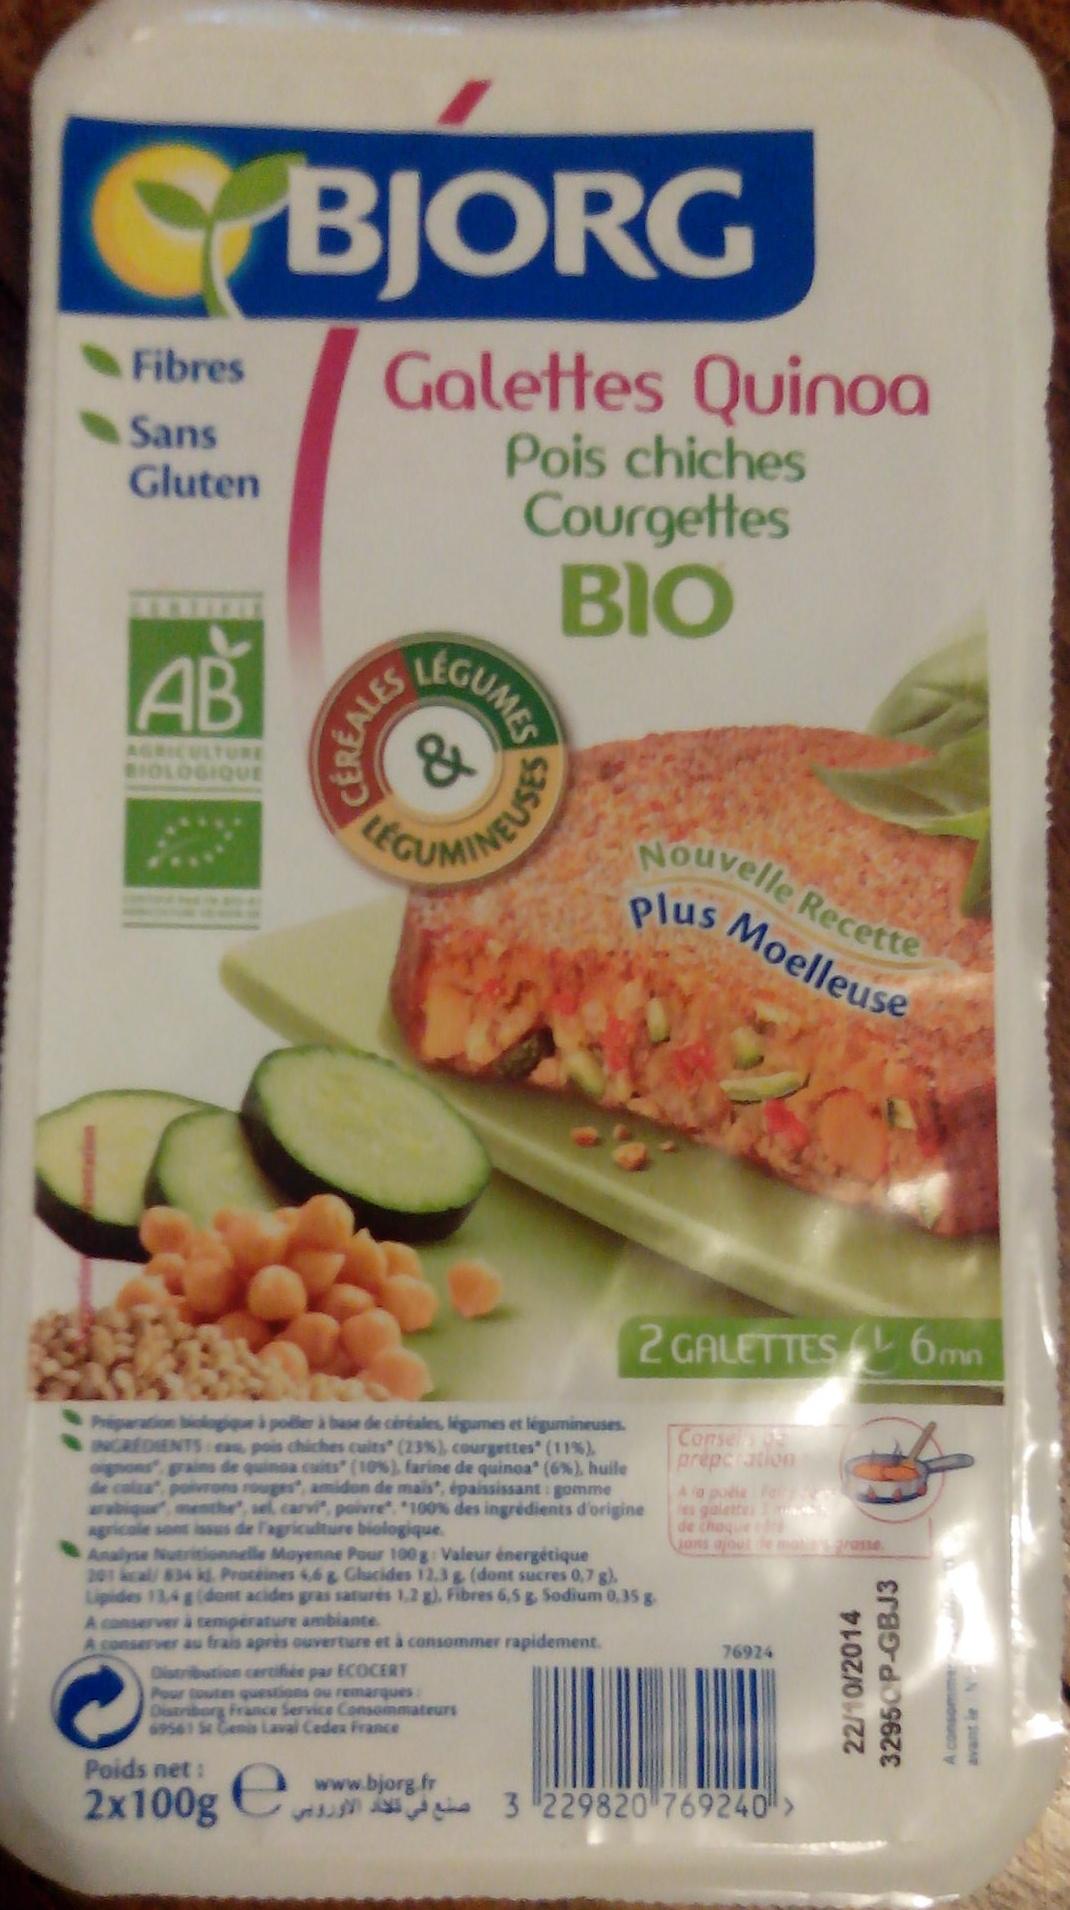 Galettes quinoa pois chiches courgettes - Produit